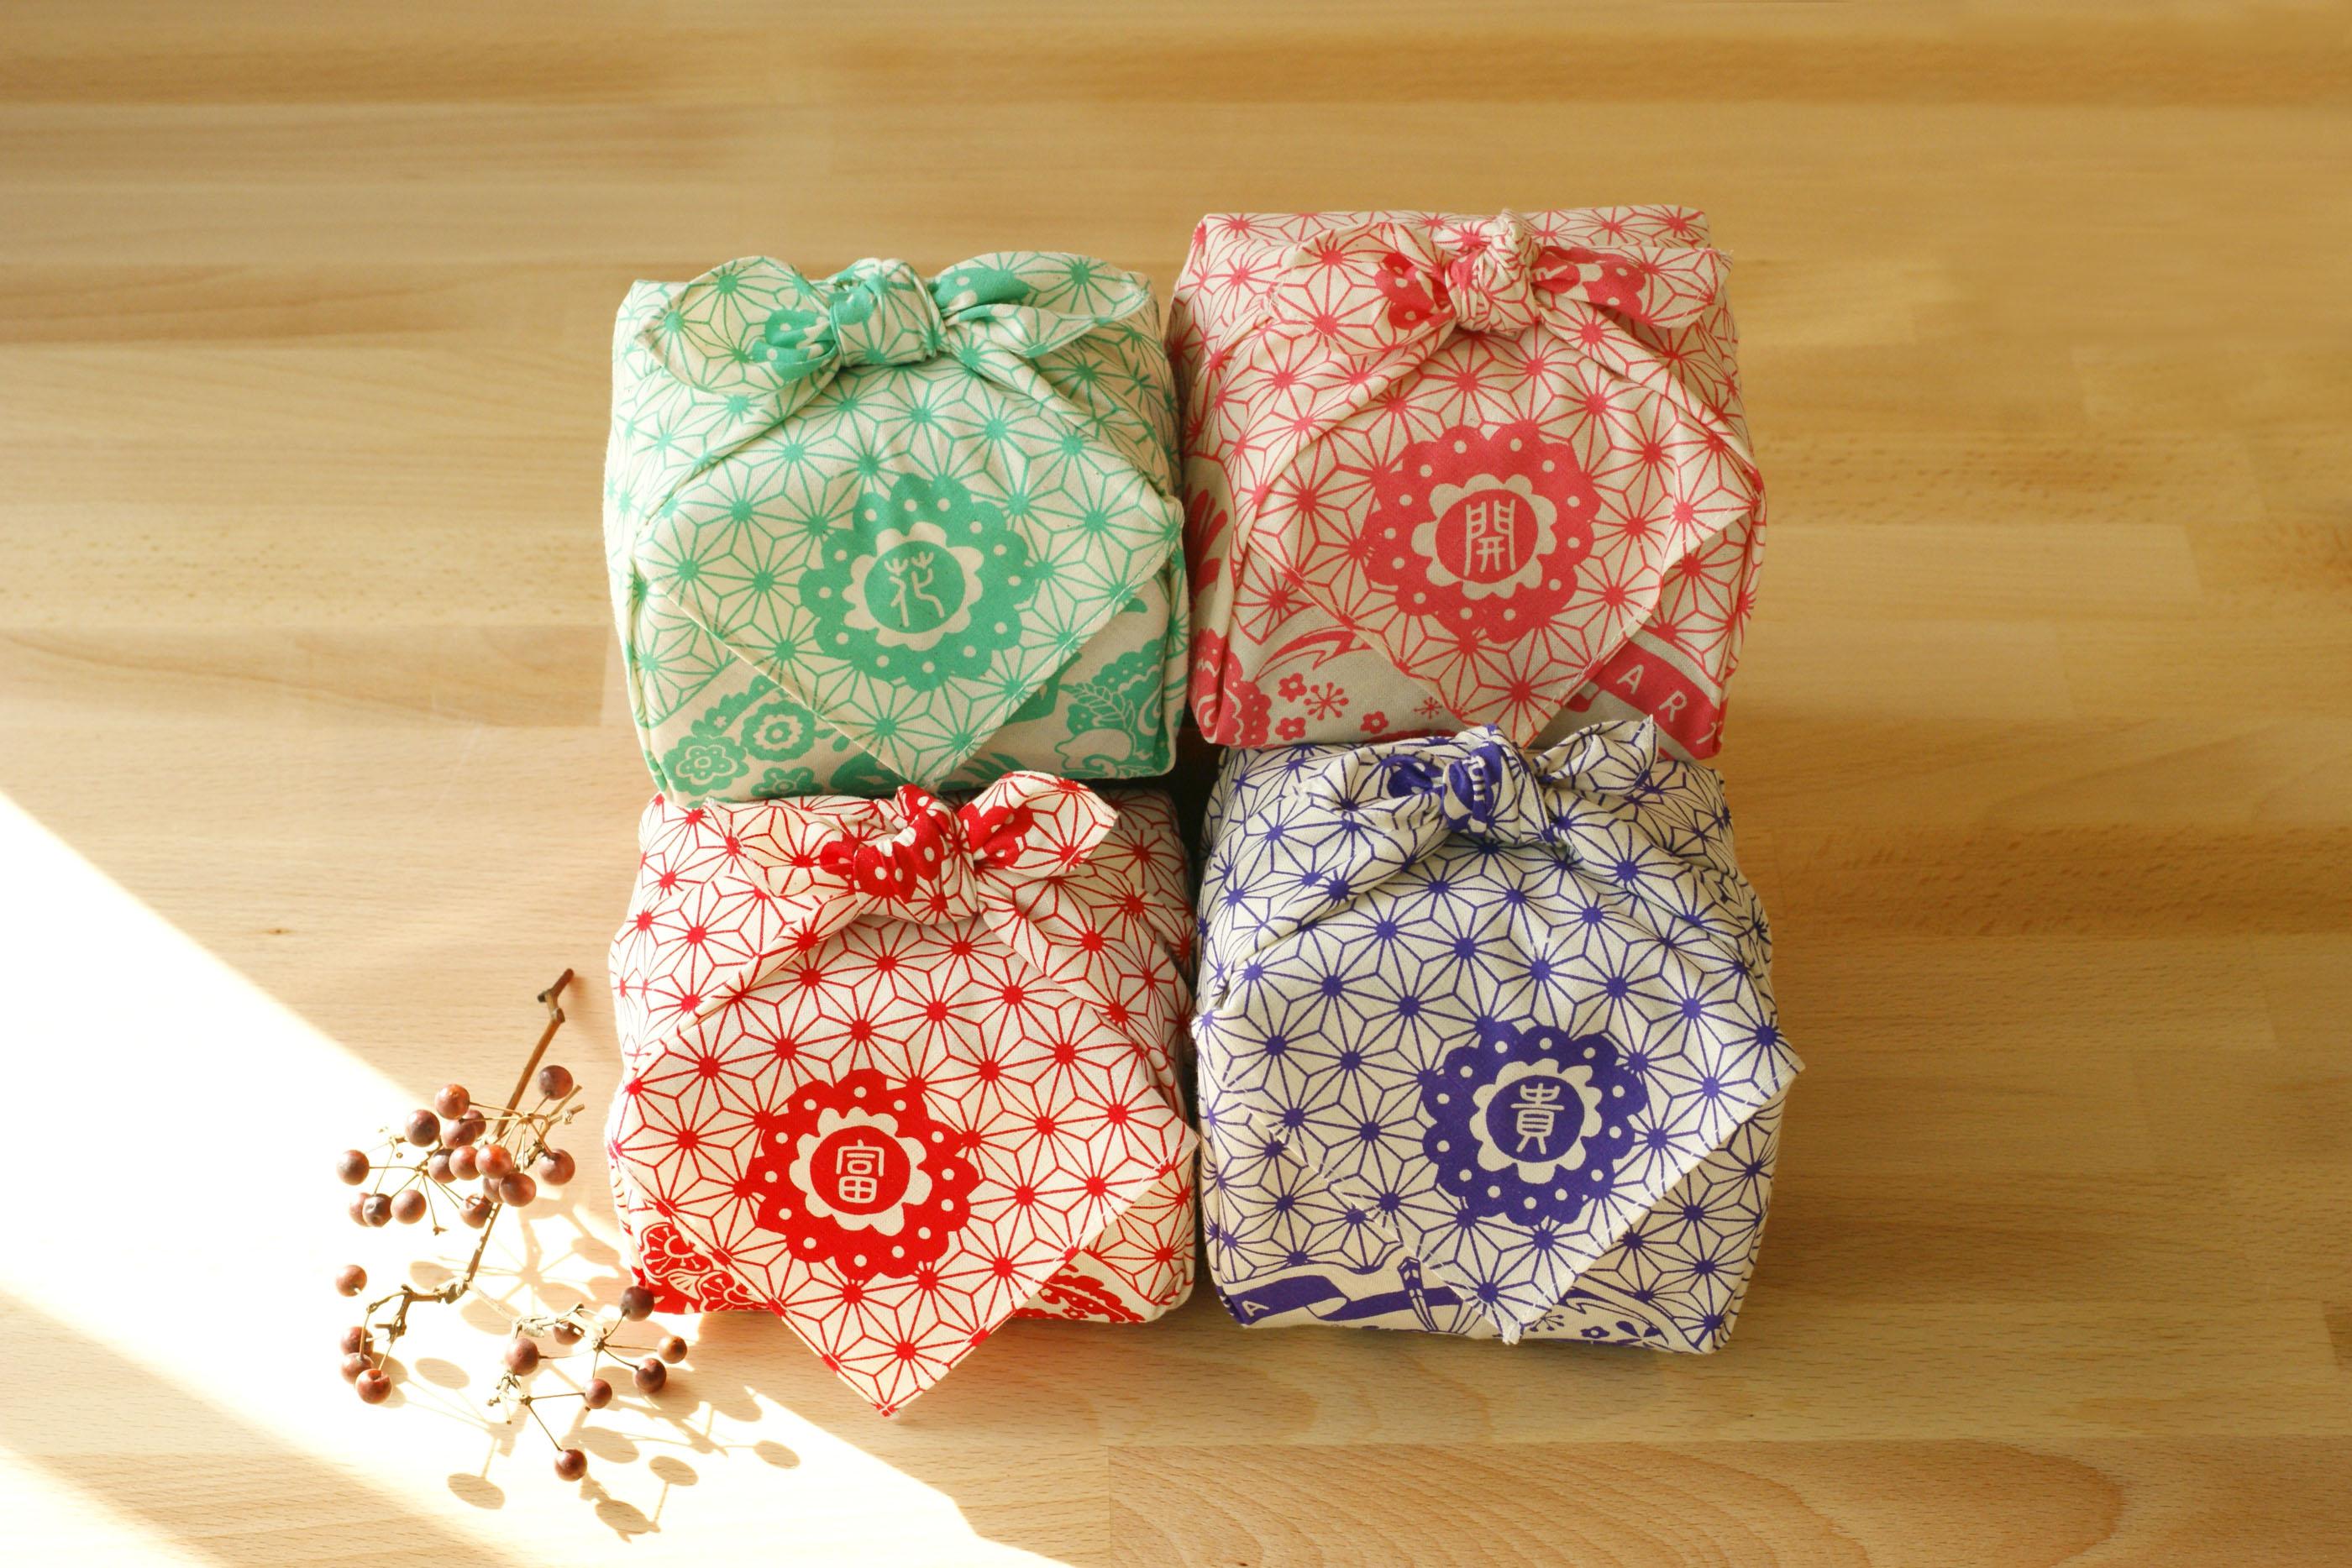 ARTEA【花開富貴】台灣茶包裹巾組合(手採手製茶X4包裹)ARTEA 千合趣 0